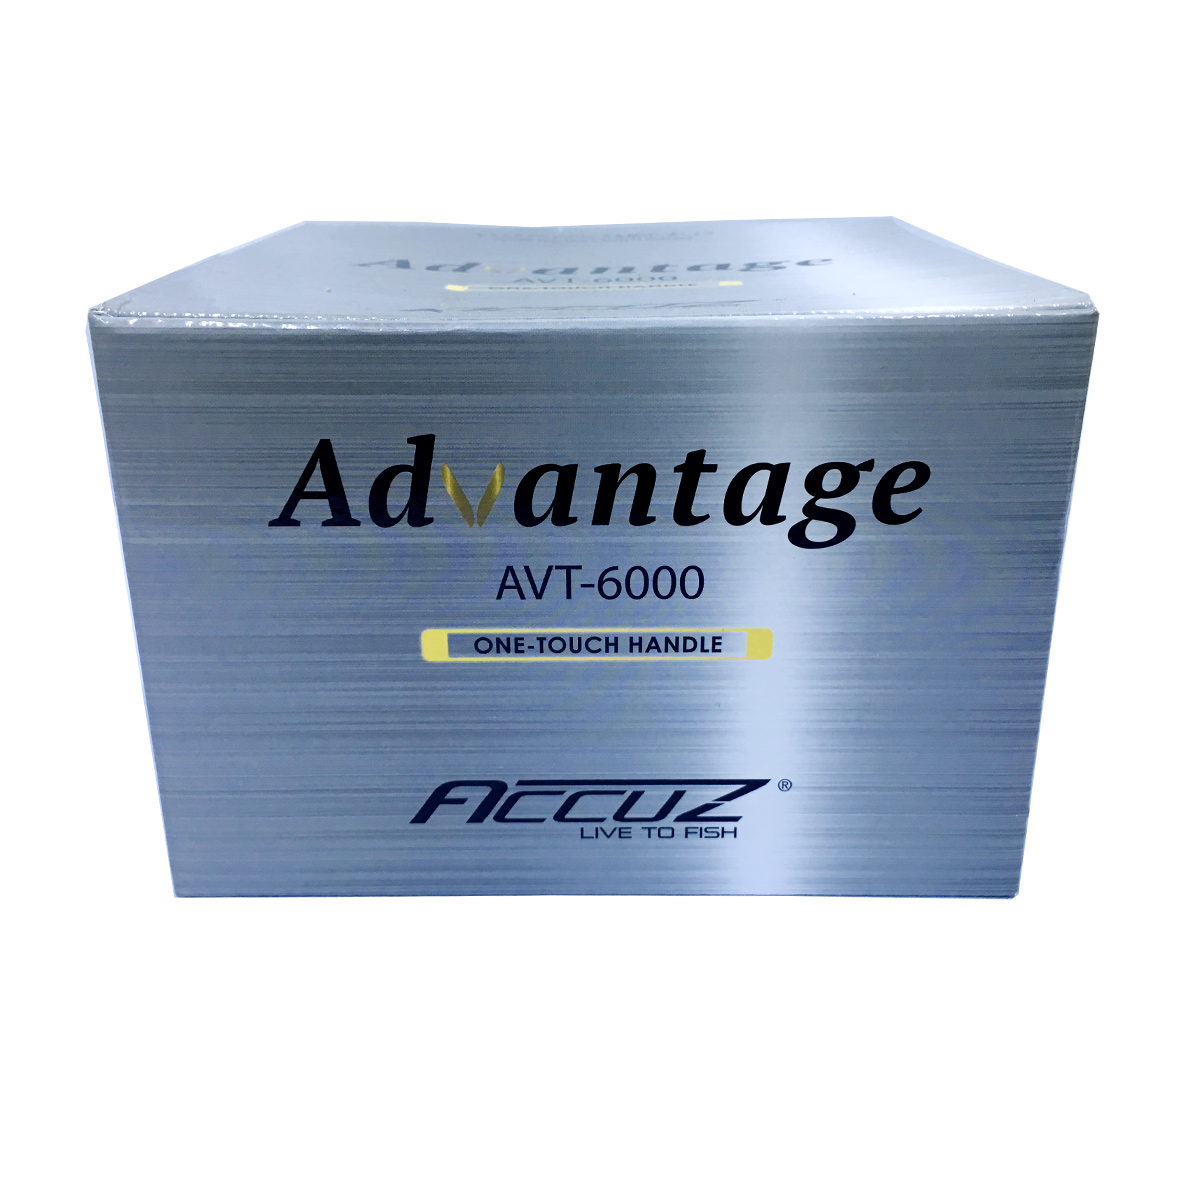 Máy Câu Cá Accuz Chính Hãng Advantage 6000 - Bảo hành 3 tháng